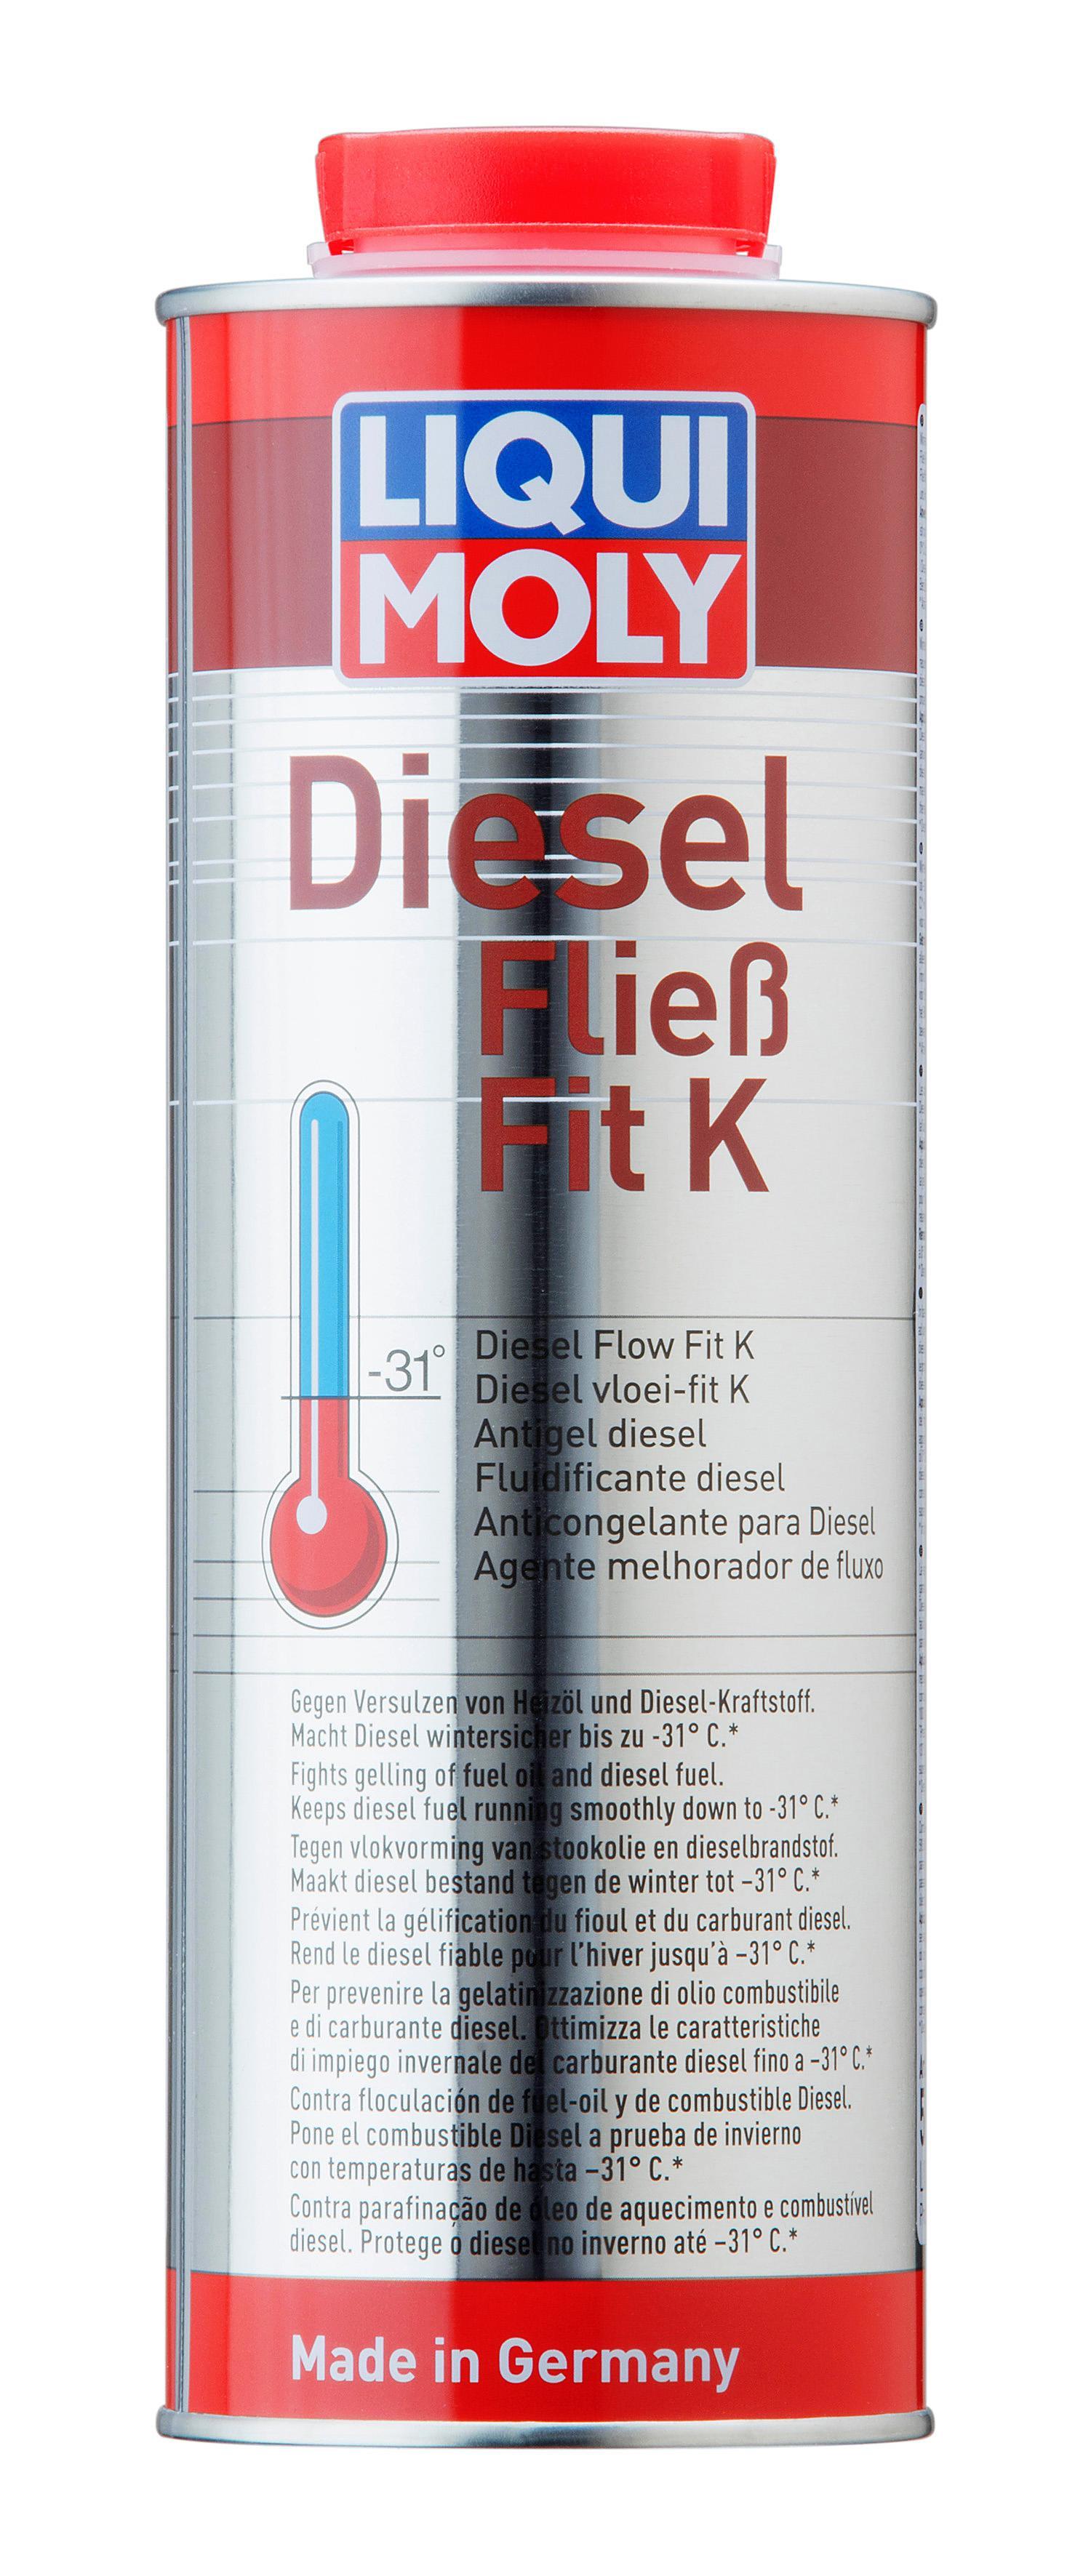 Acquisti in maniera conveniente: LIQUI MOLY Additivo carburante Lattina, Contenuto: 1l, Diesel 5131